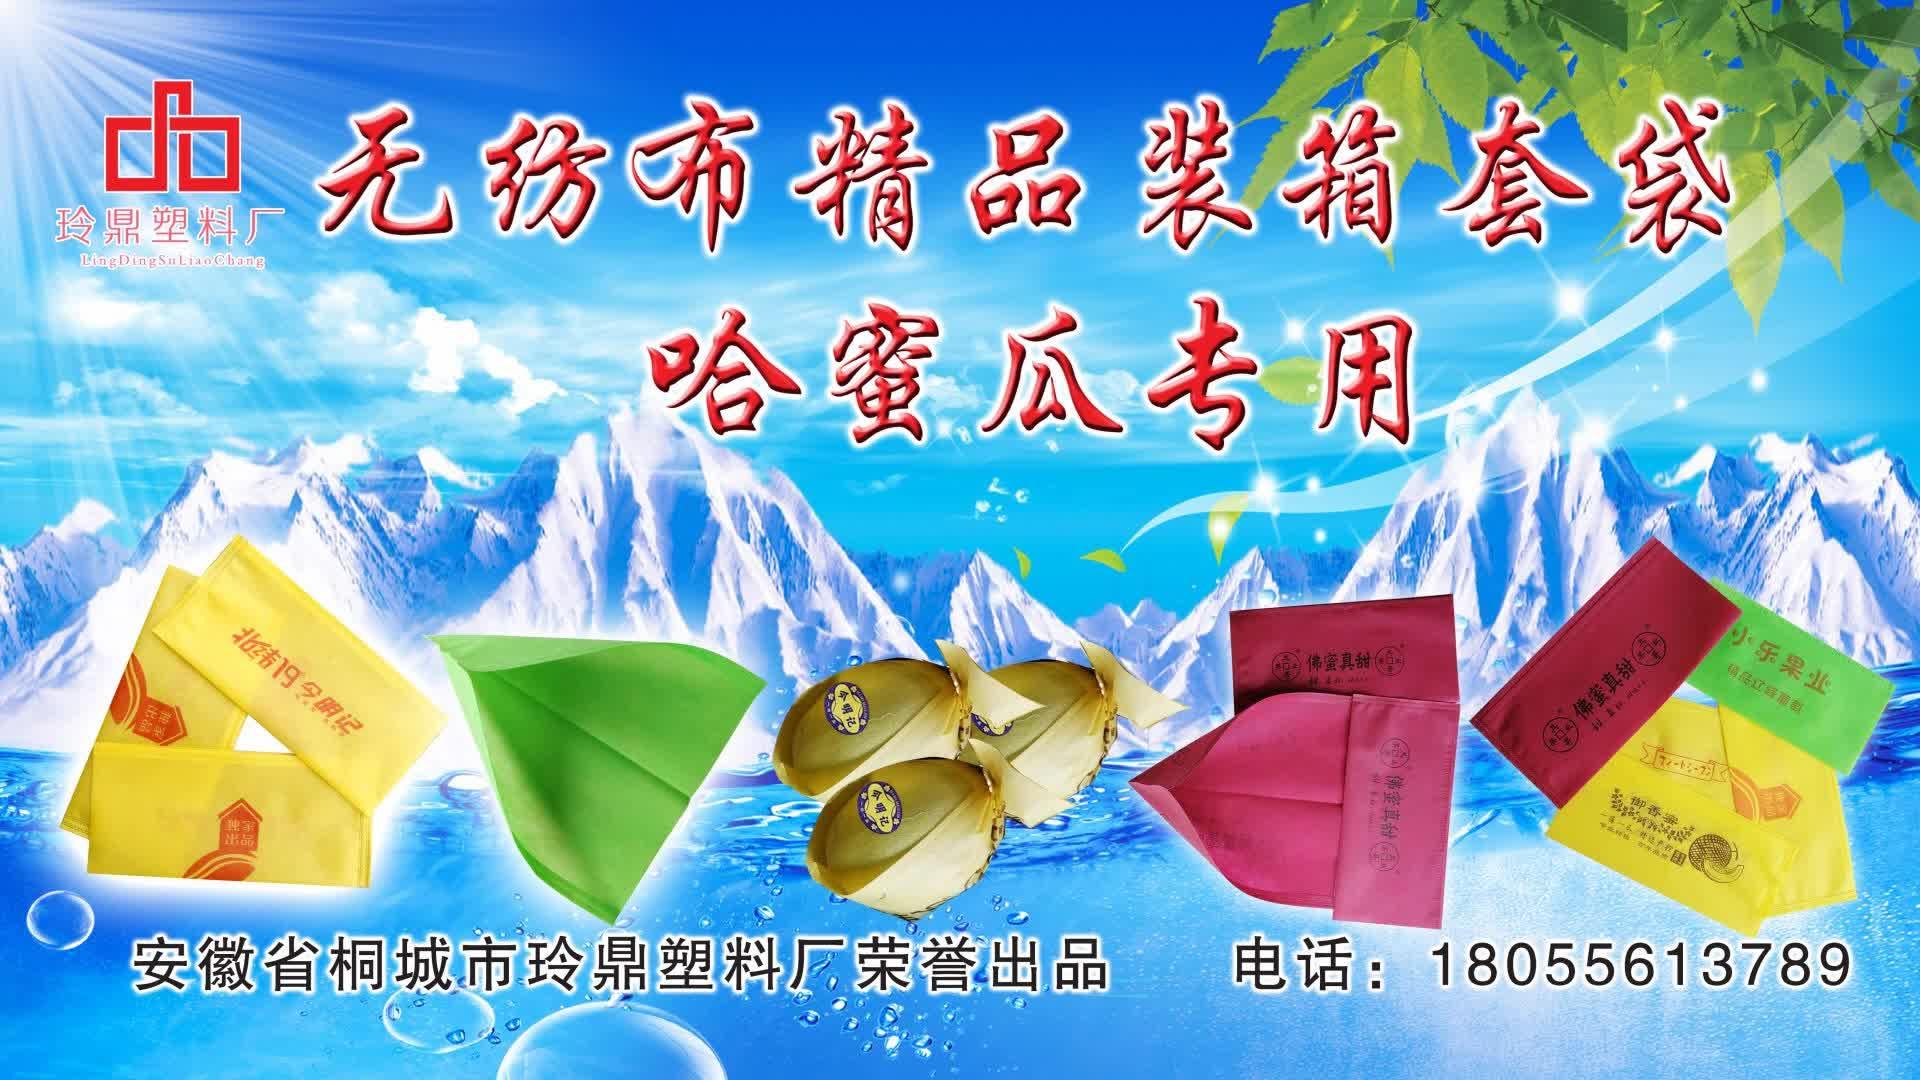 订做水果套袋 葡萄套袋葡萄袋防鸟防水防虫专用果袋育苗套袋现货